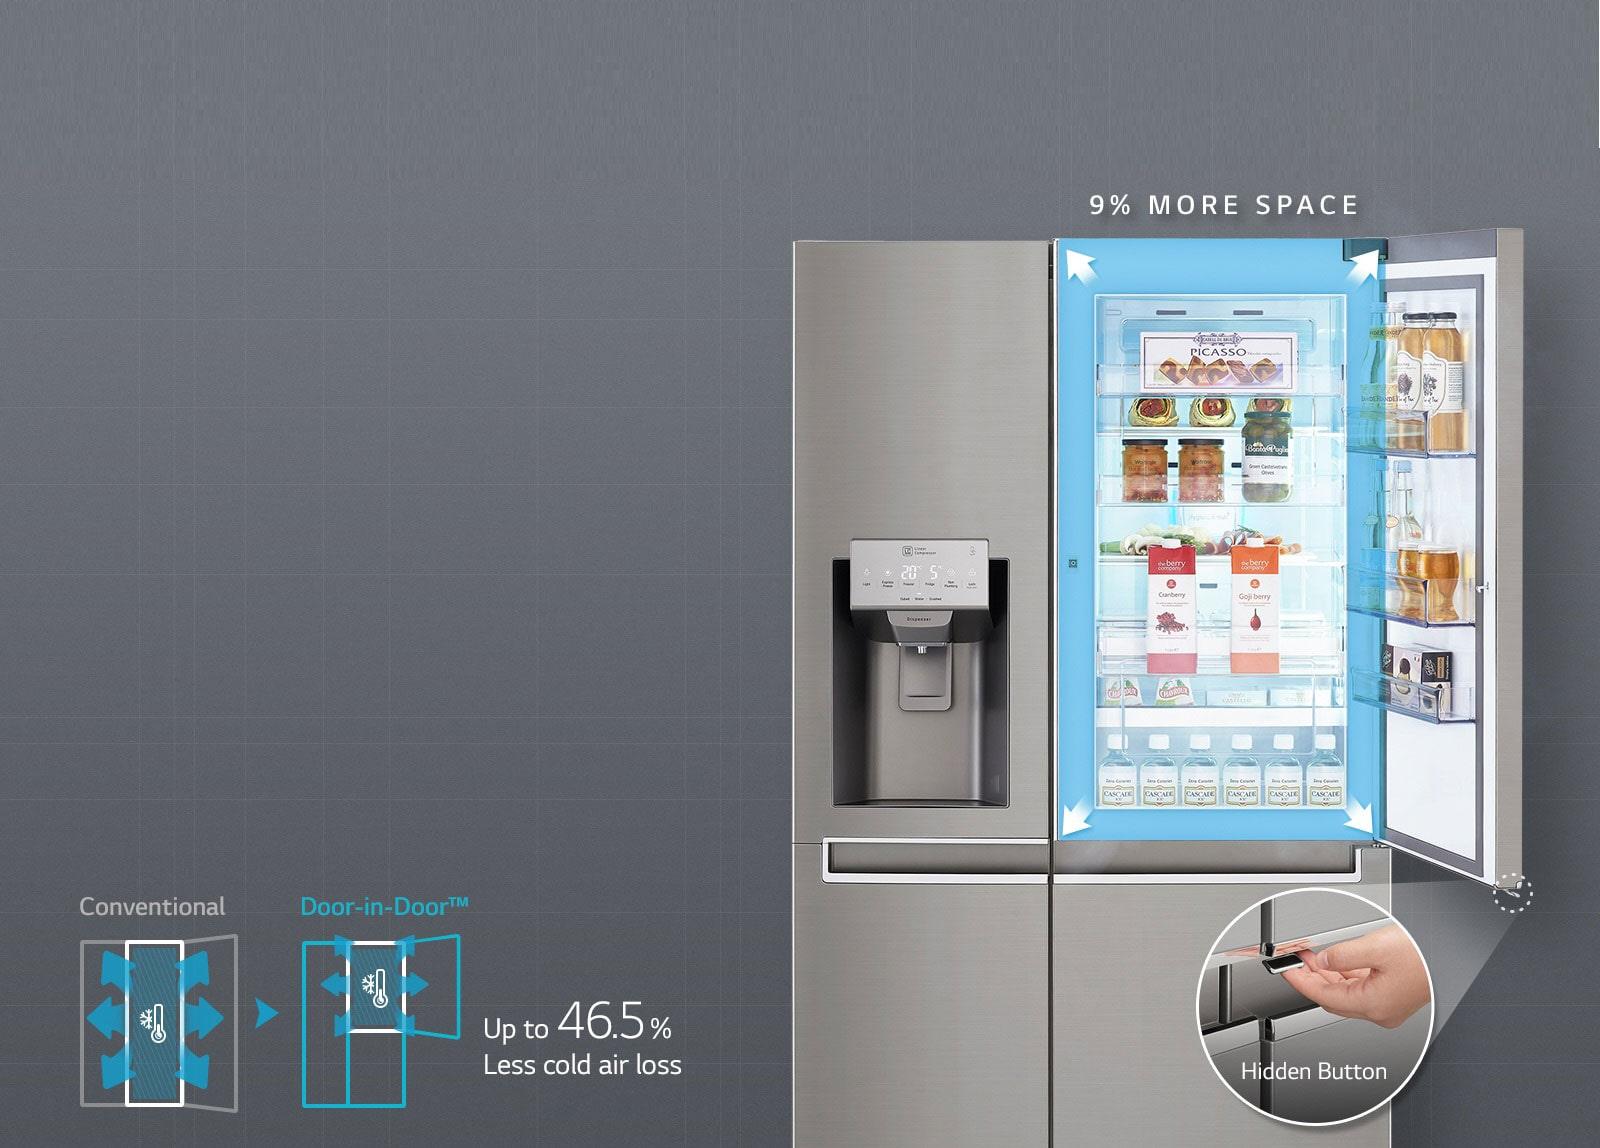 تكنولوجيا باب داخل الباب™ الجديدة المحسنة1